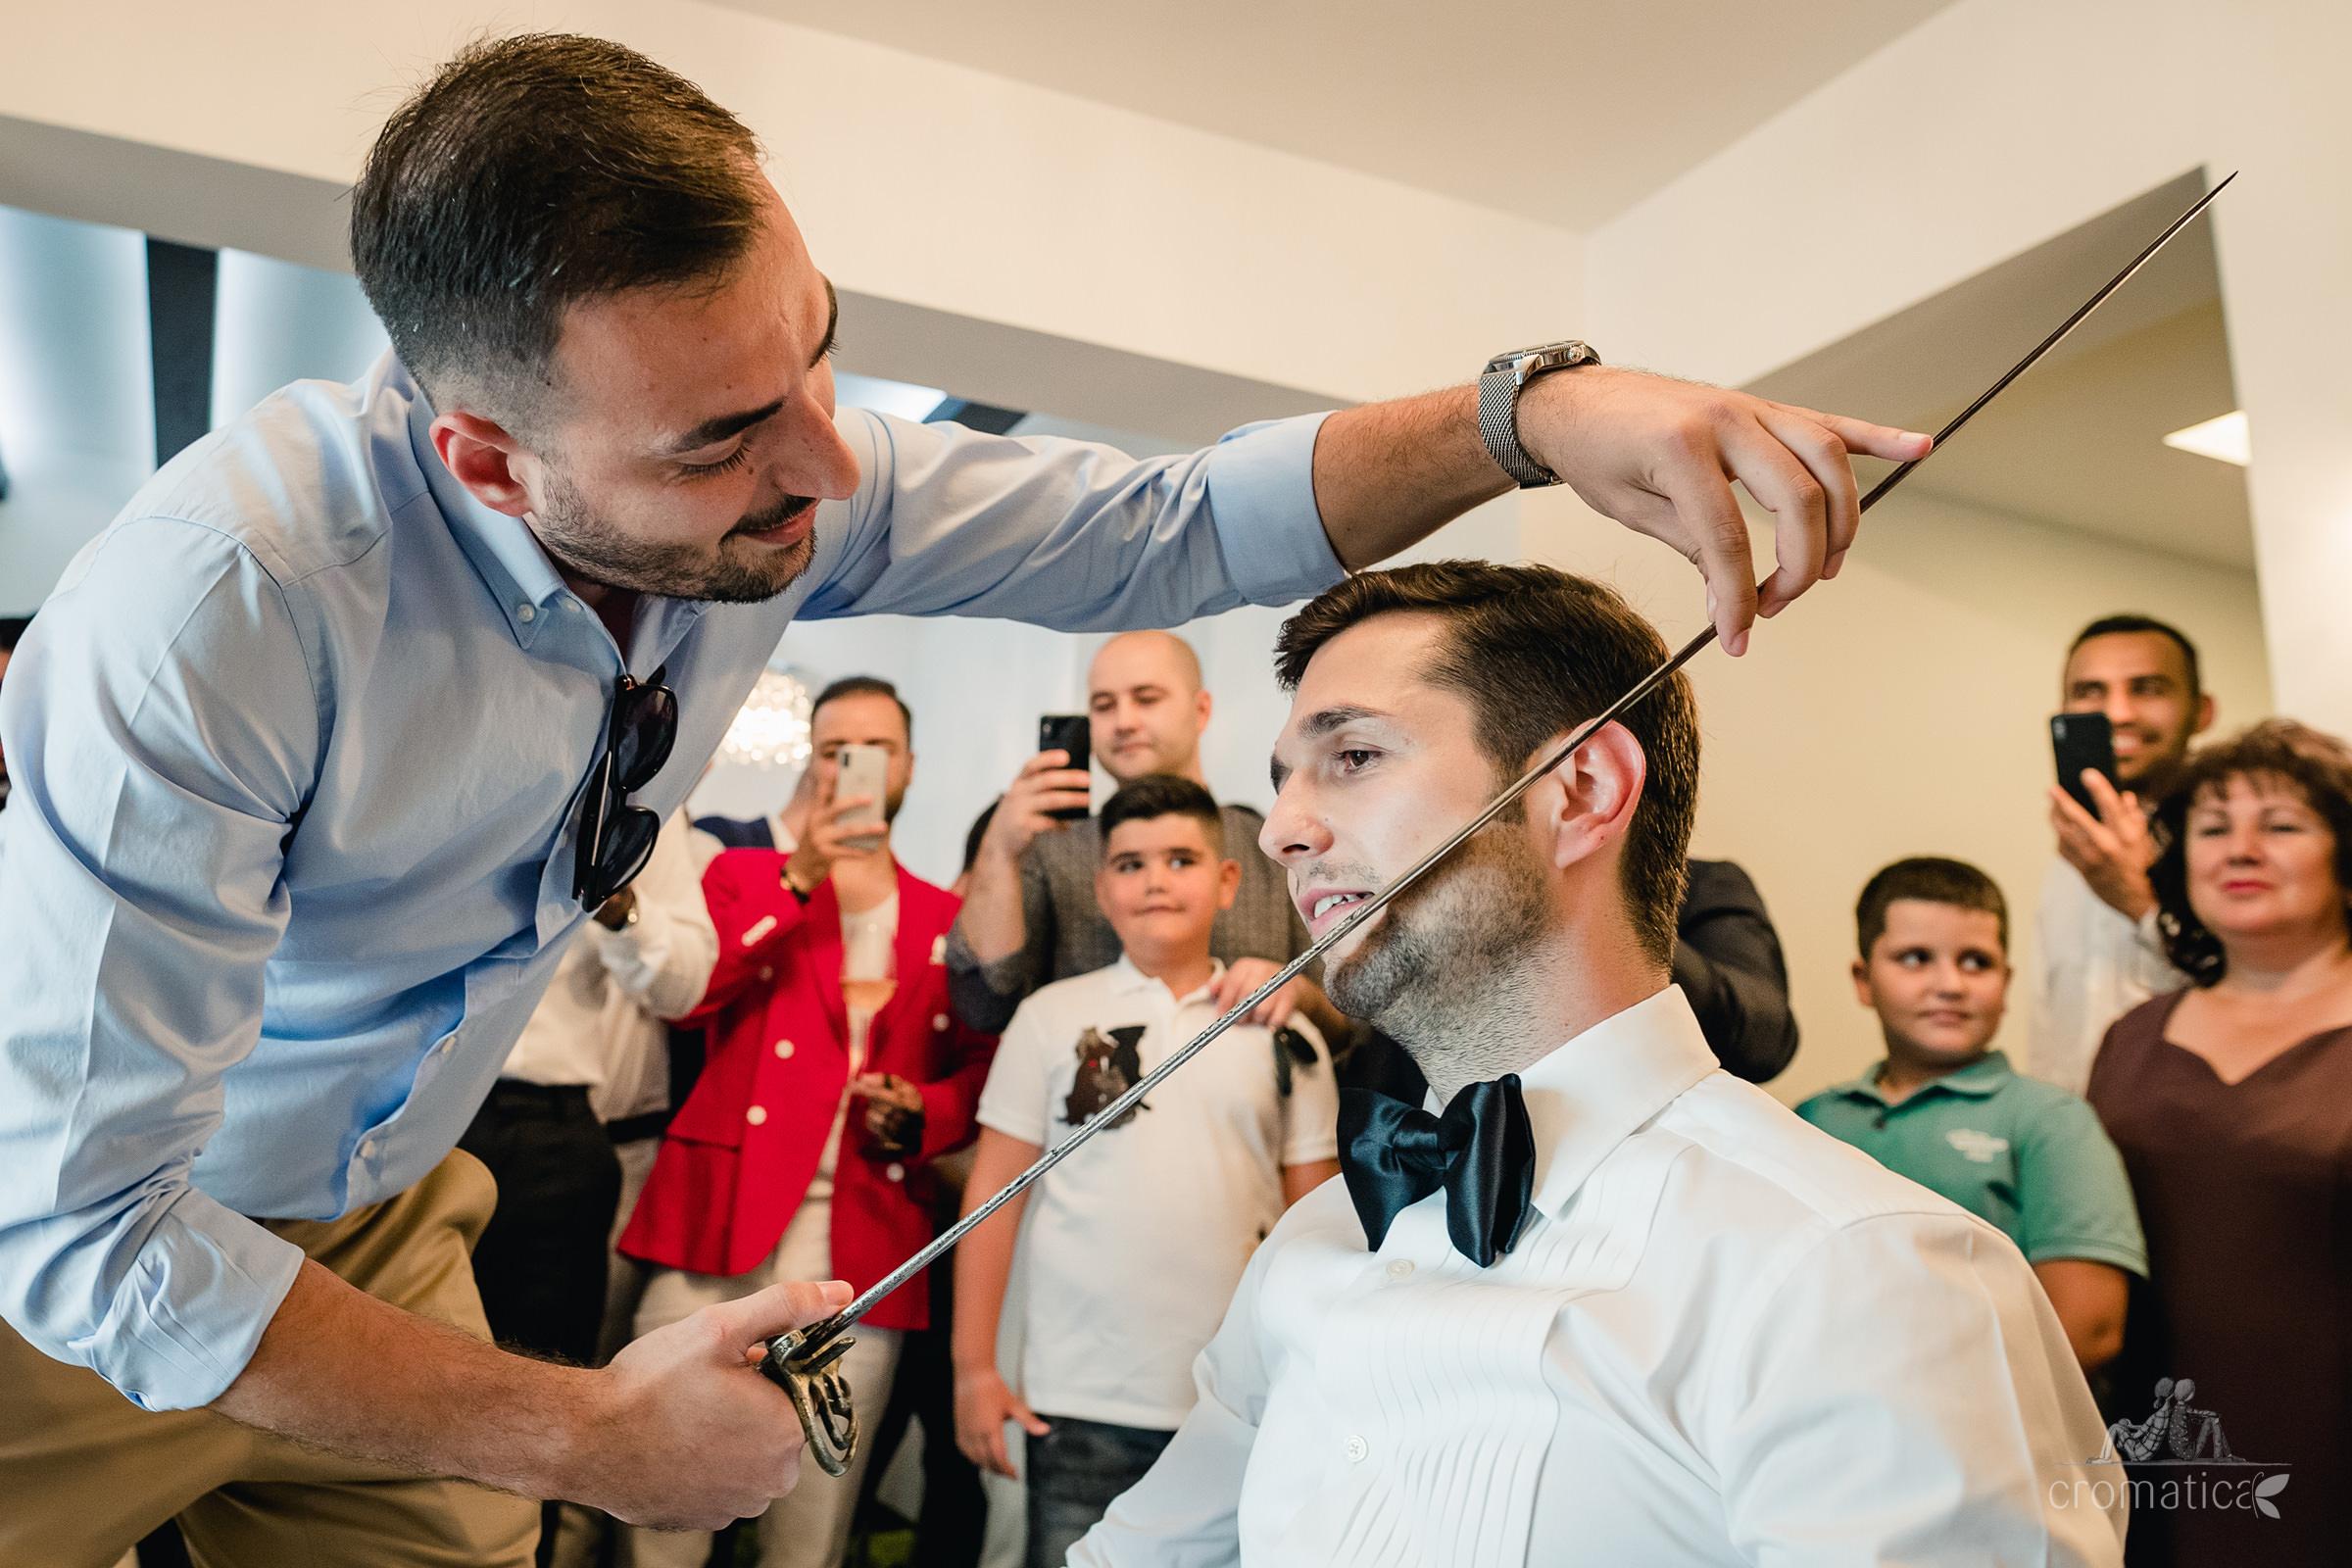 oana alex fotografii nunta rm valcea 002